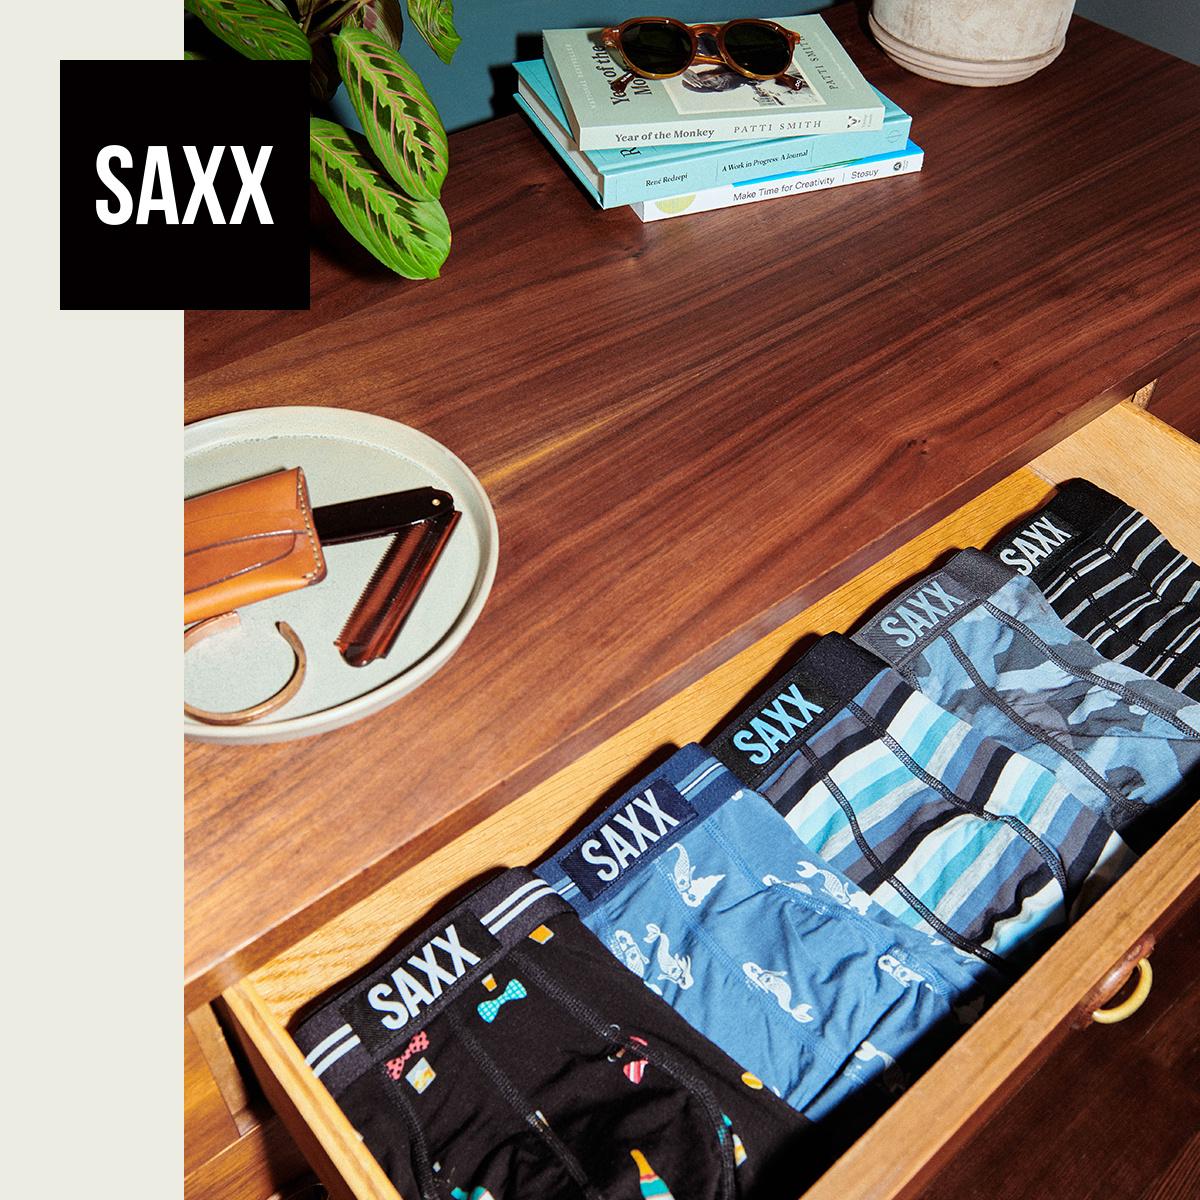 SAXX - Life-Changing Underwear